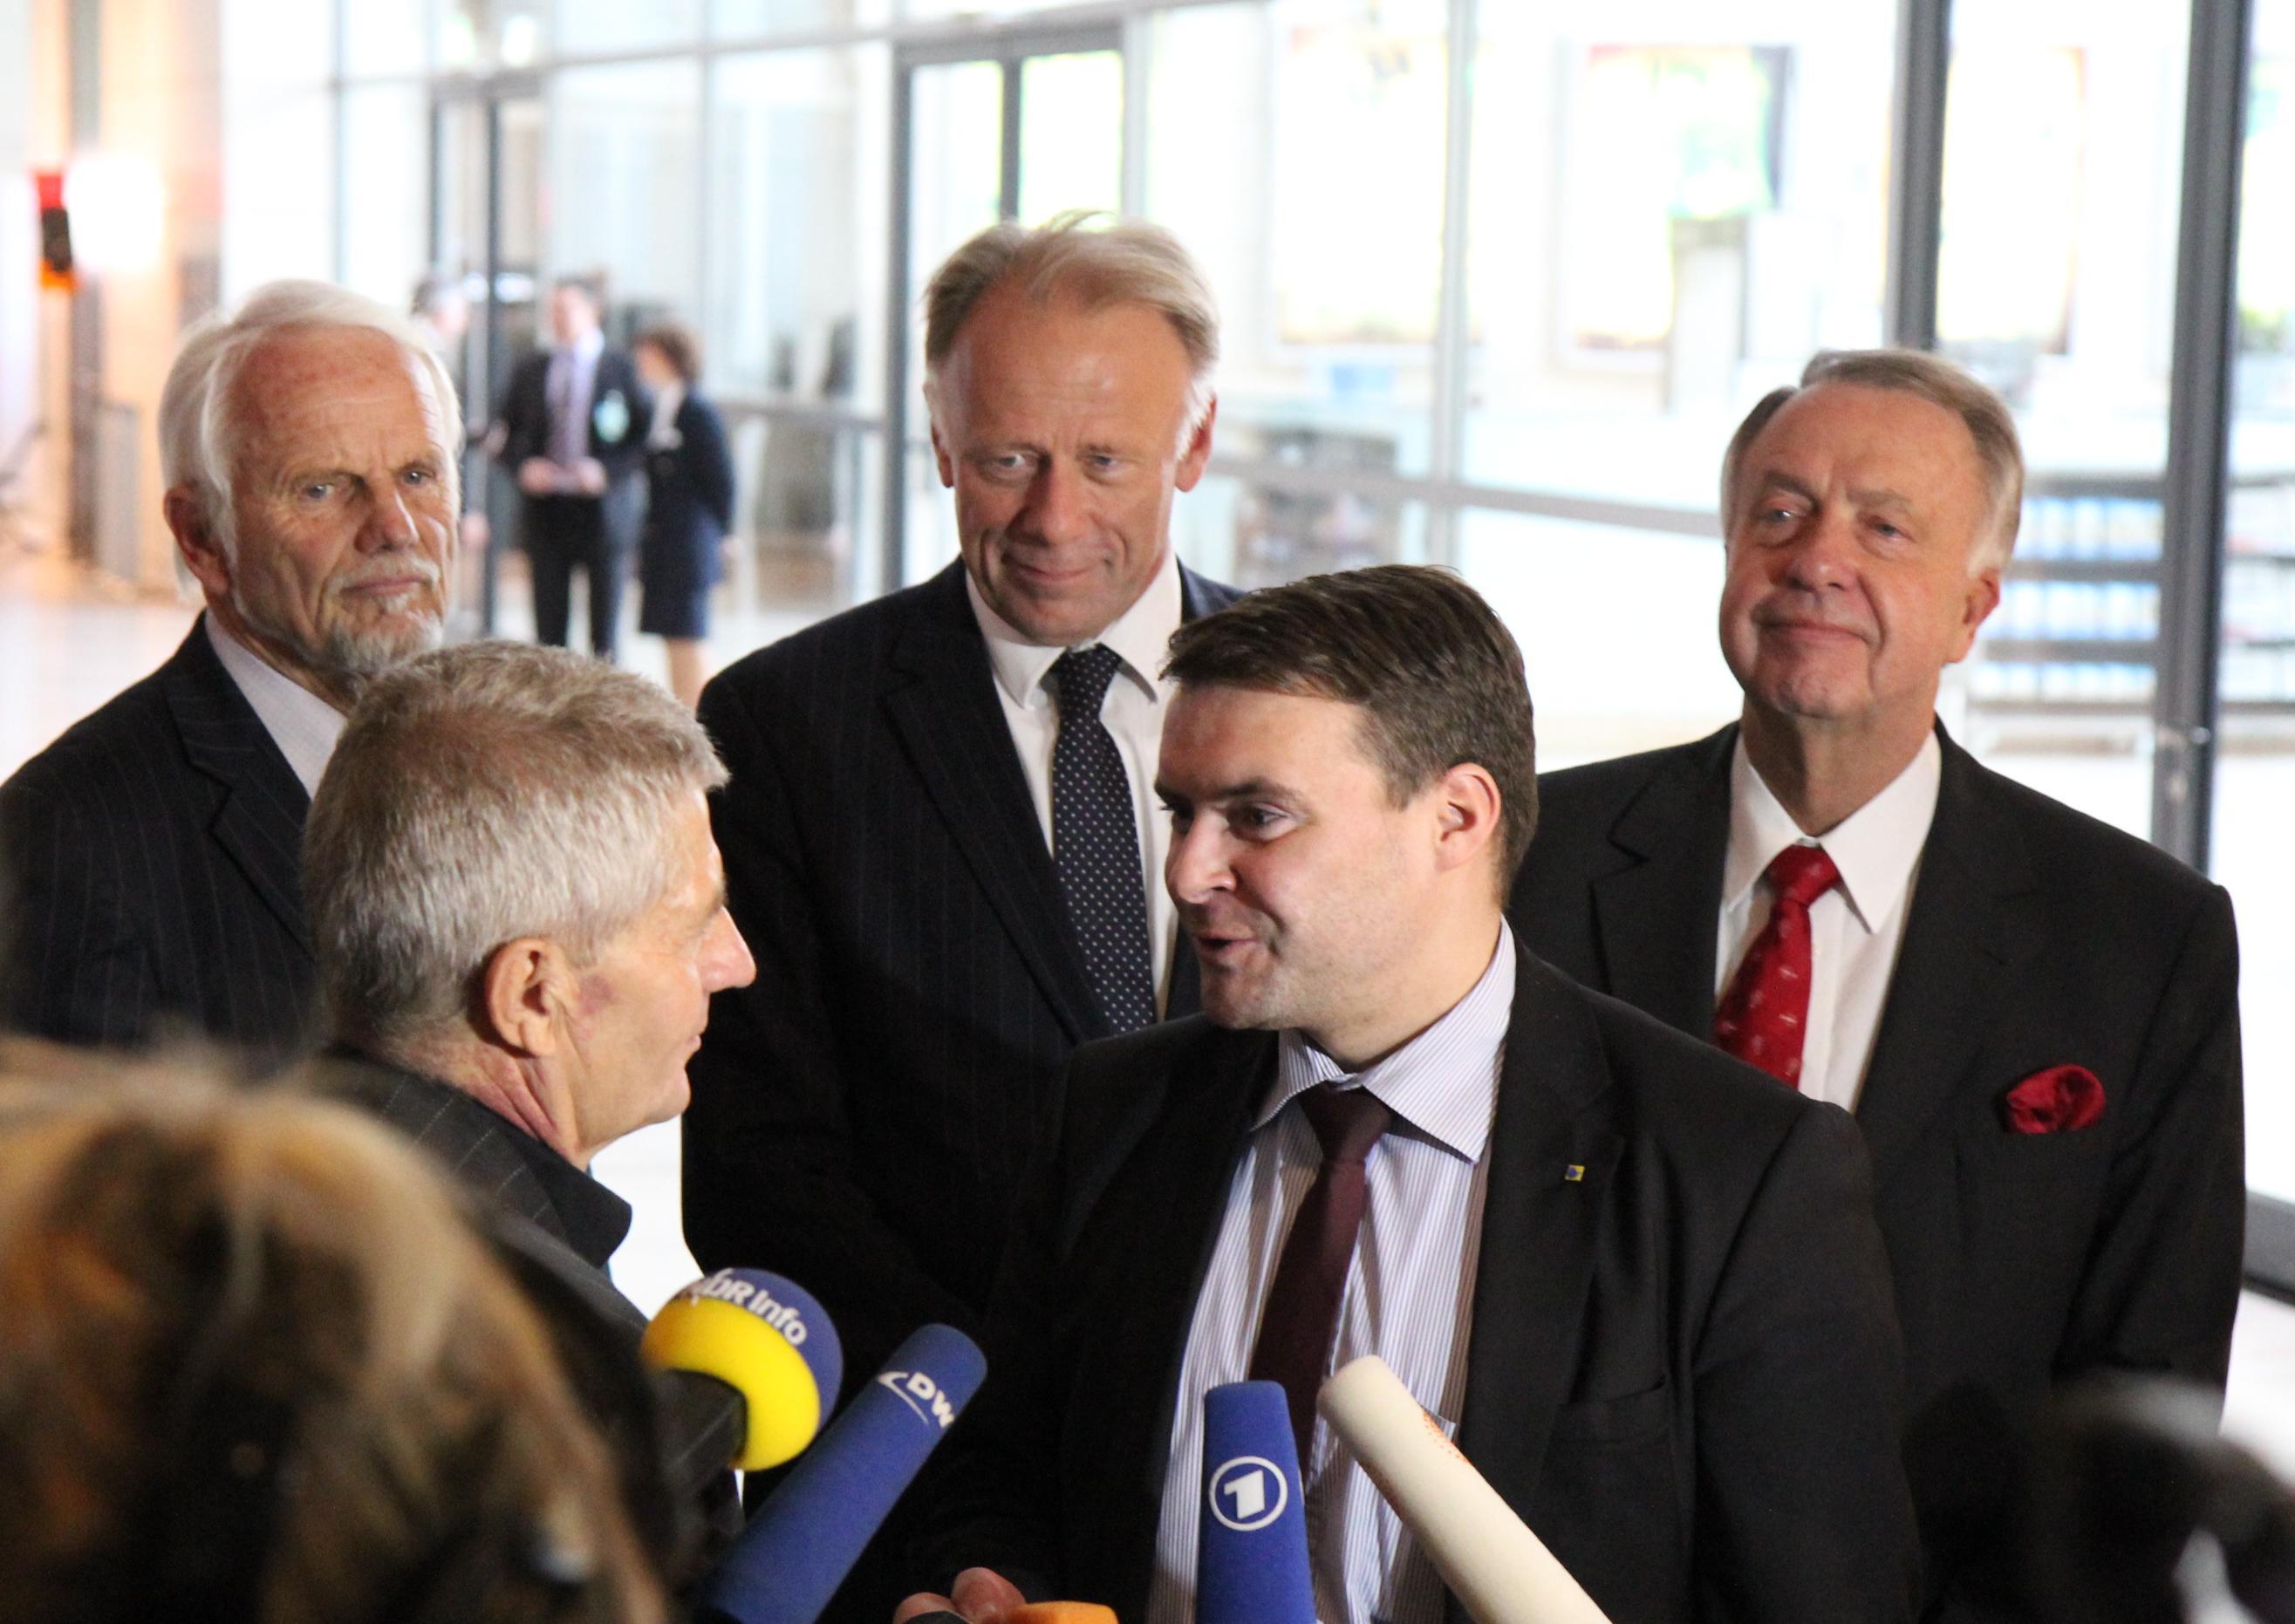 Patrick Kurth, MdB (r.) mit Roland Jahn